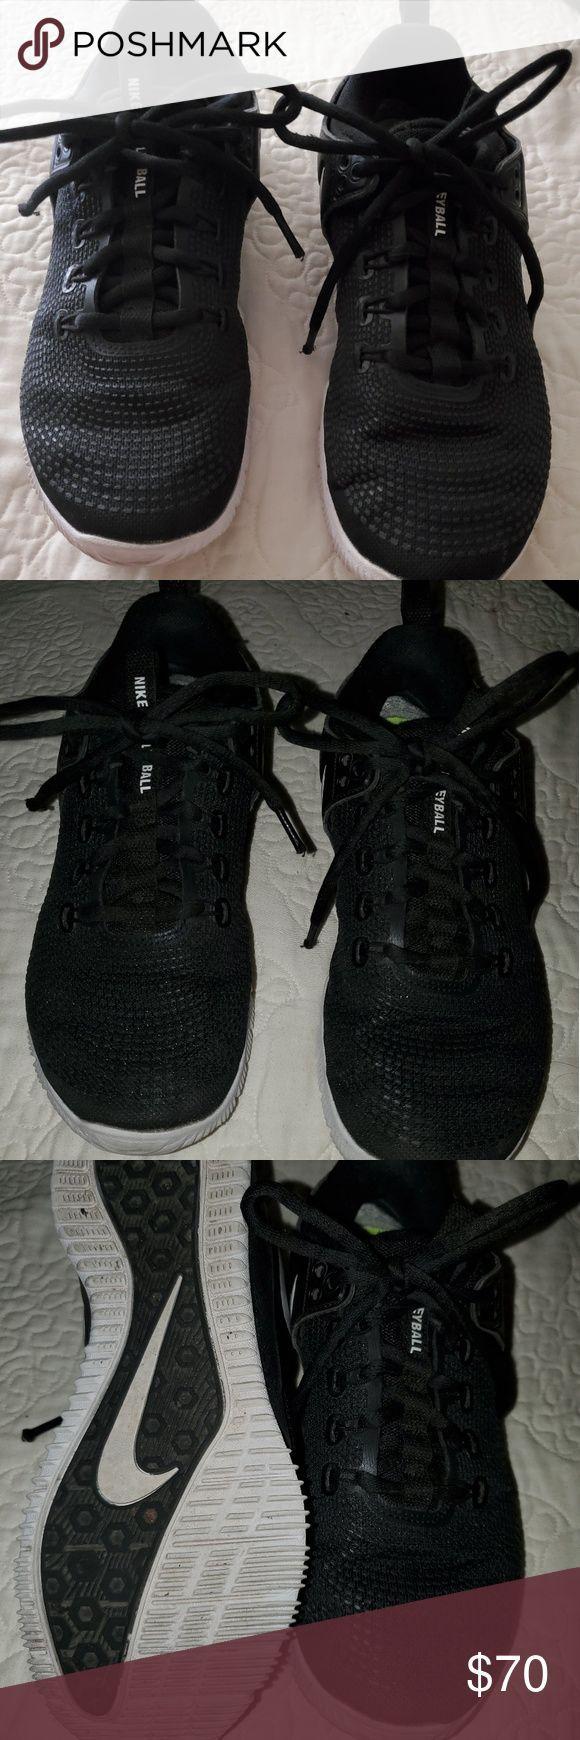 Nike Volleyballschuhe Euc Meine Tochter Trug Diese Ein Paar Mal Wenn Sie In Fashionaccessories Fashion Nike Volleyball Shoes Nike Volleyball Volleyball Shoes